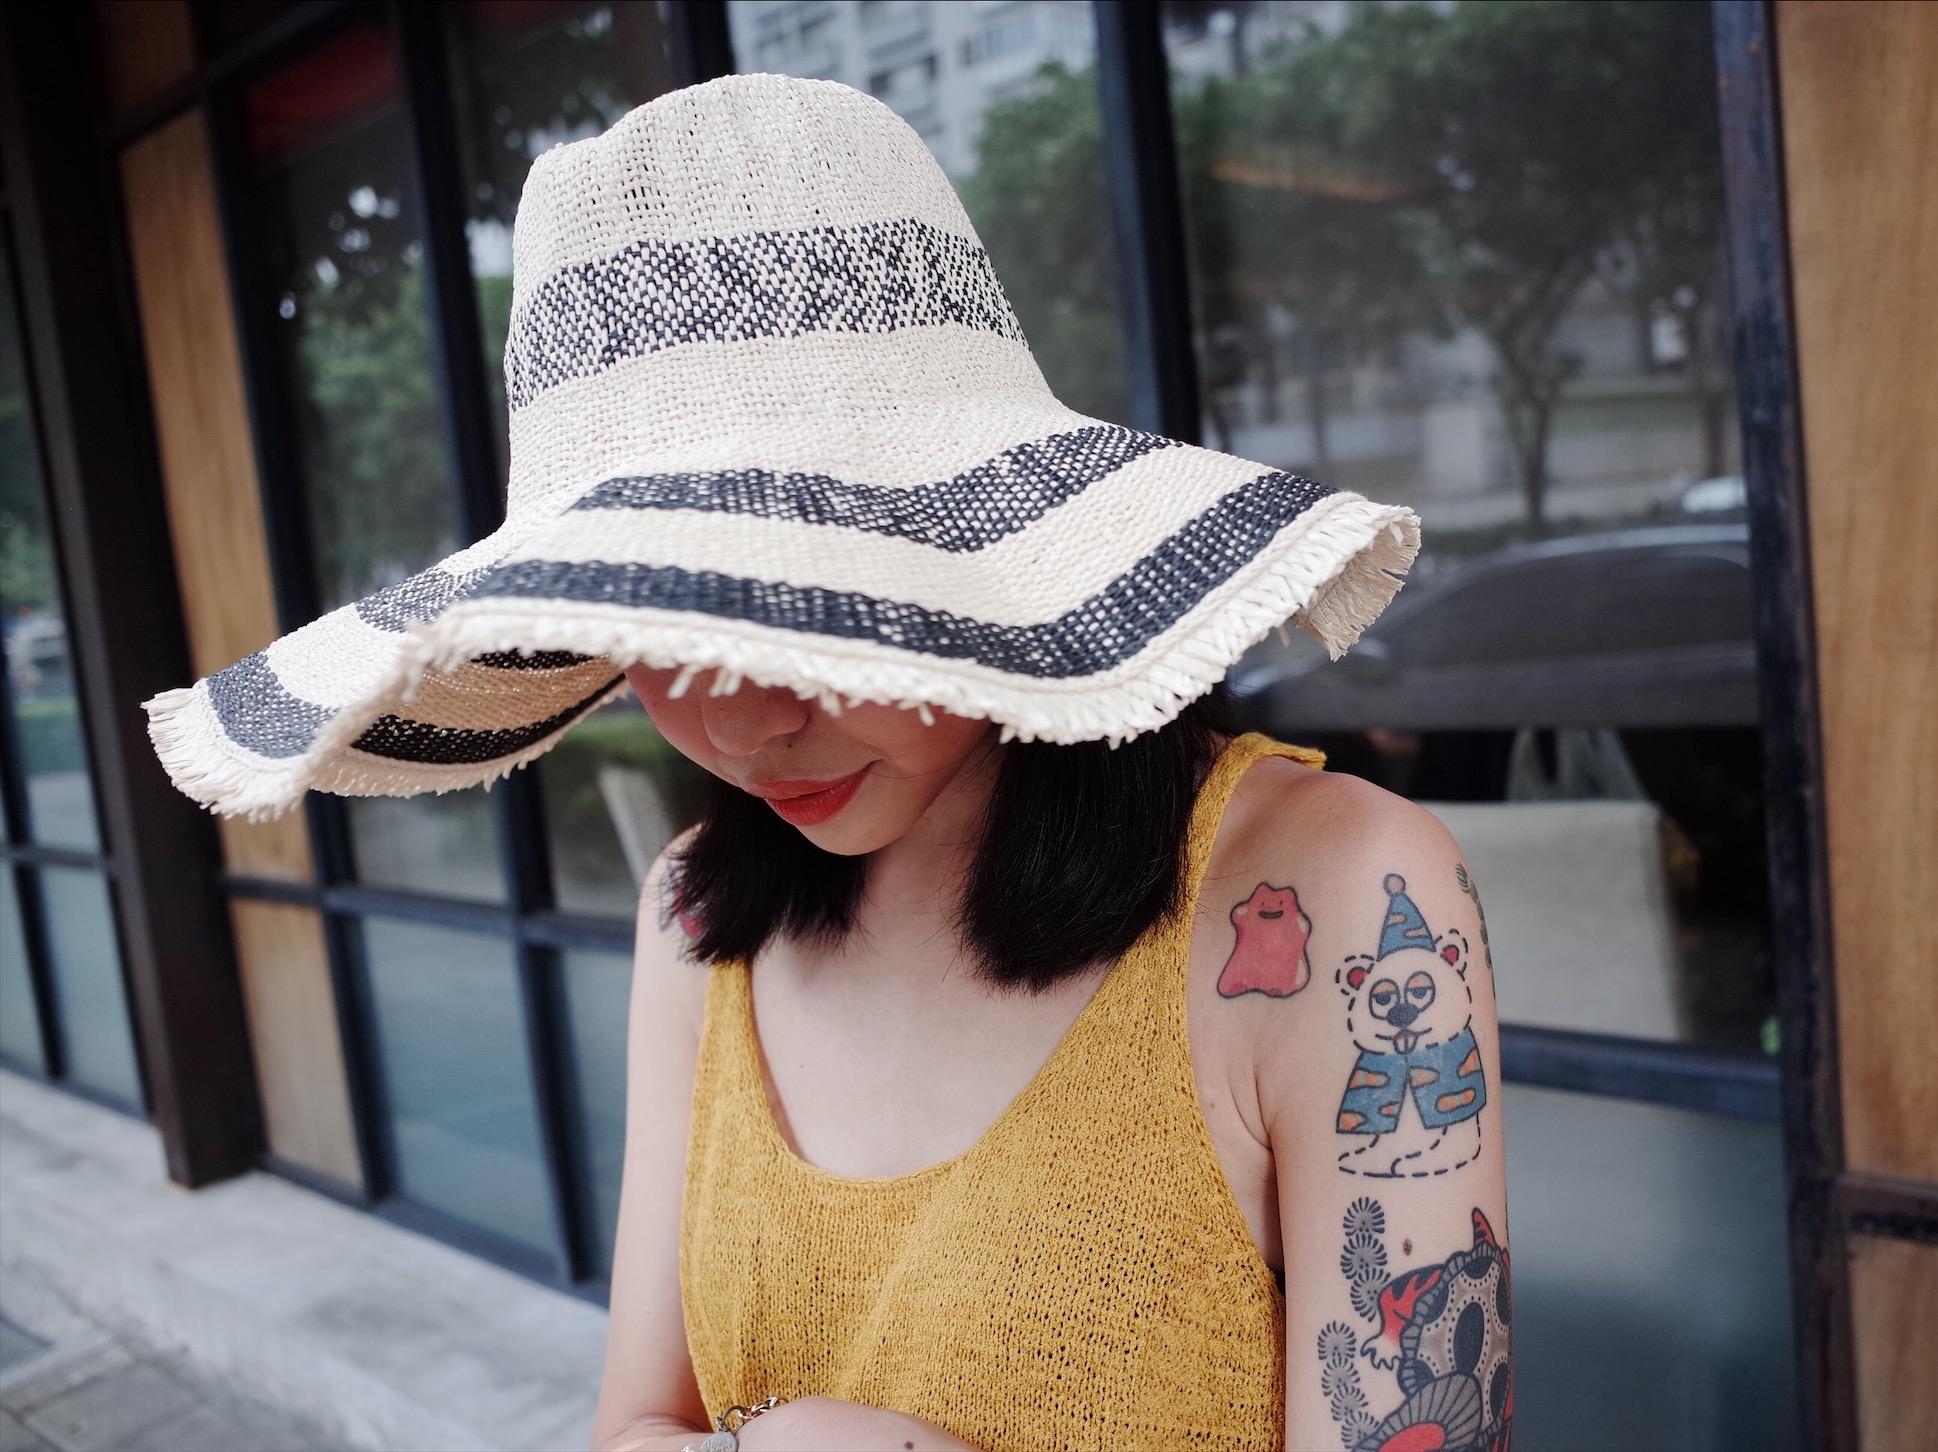 草帽推薦!搭配編織包和印花洋裝,整個春夏穿搭直接搞定